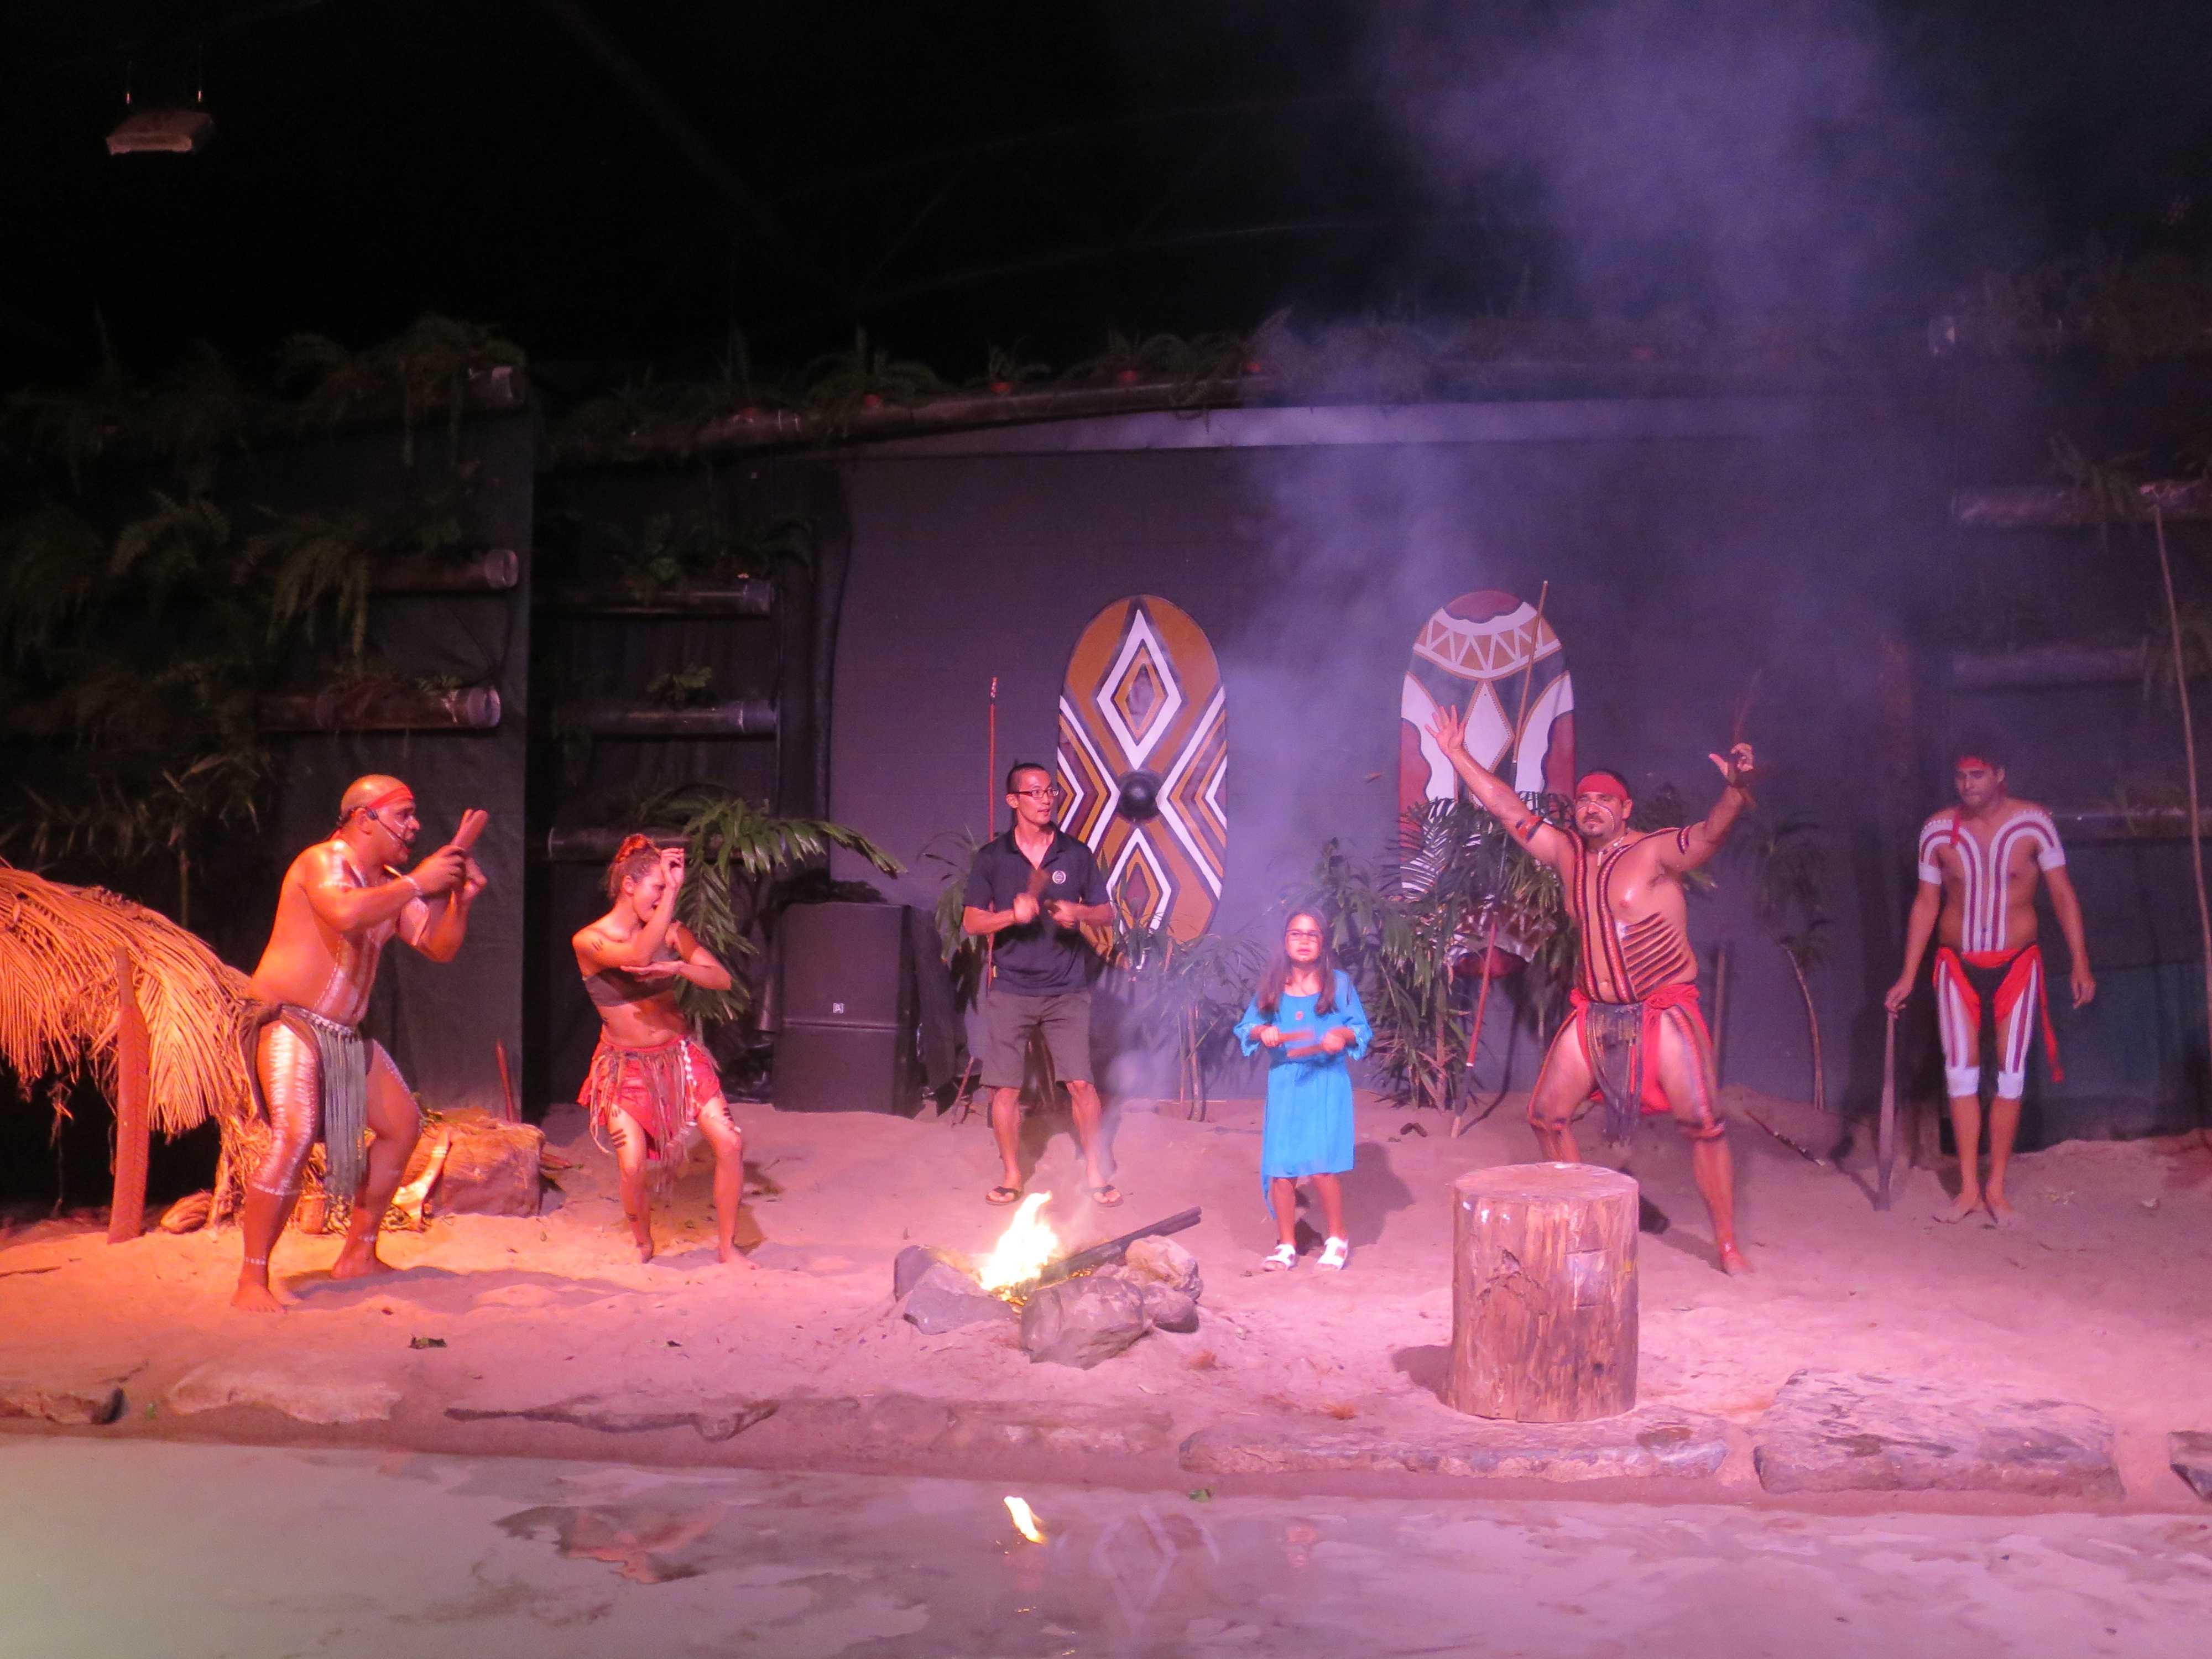 燃えさかる炎を中心に踊るアボリジニたち